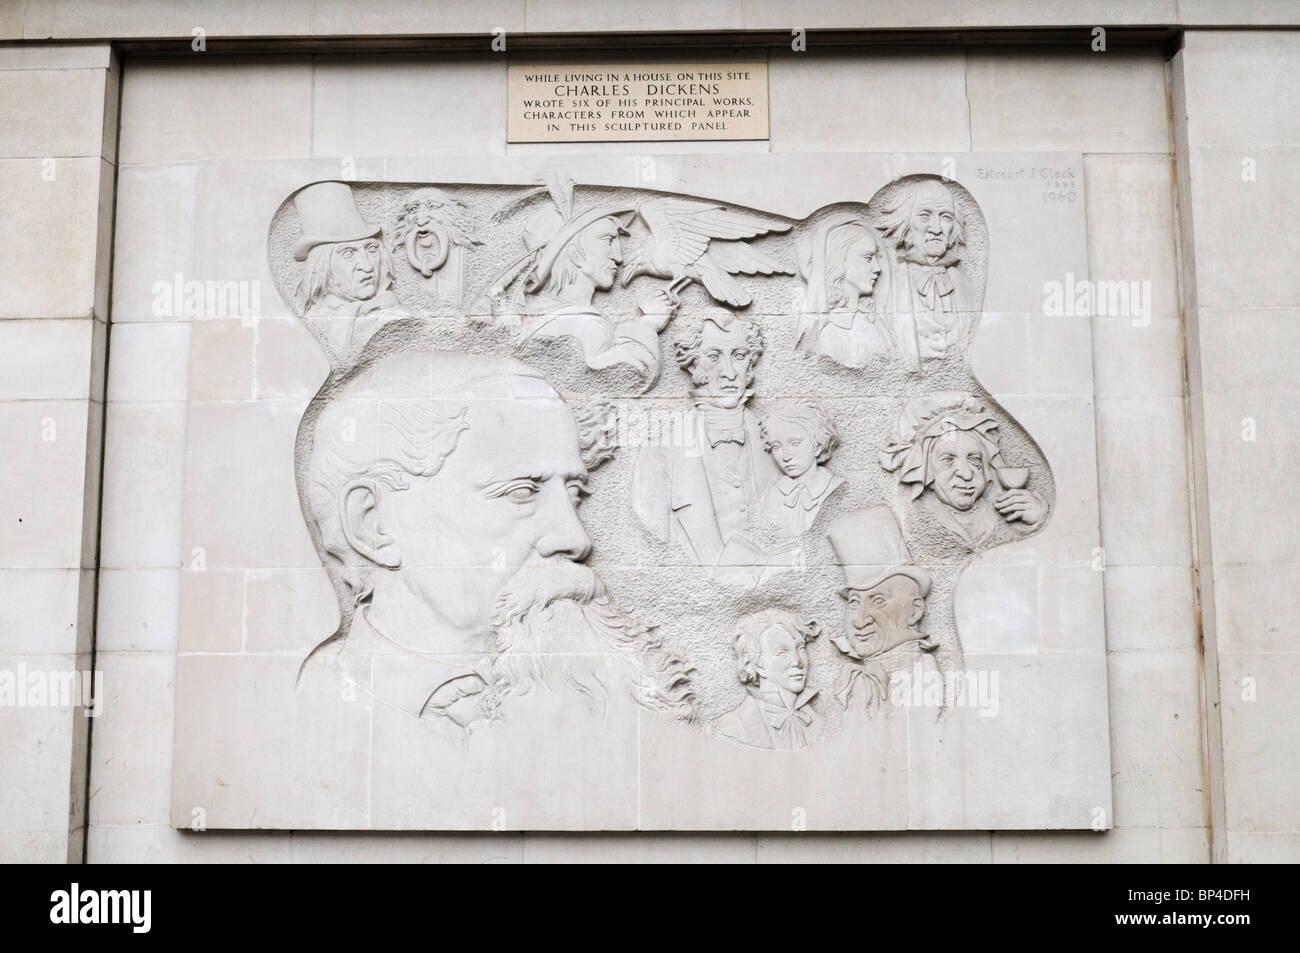 Bas-Relief schnitzen Skulptur von Charles Dickens Figuren, Marylebone Road, London, England, UK Stockbild